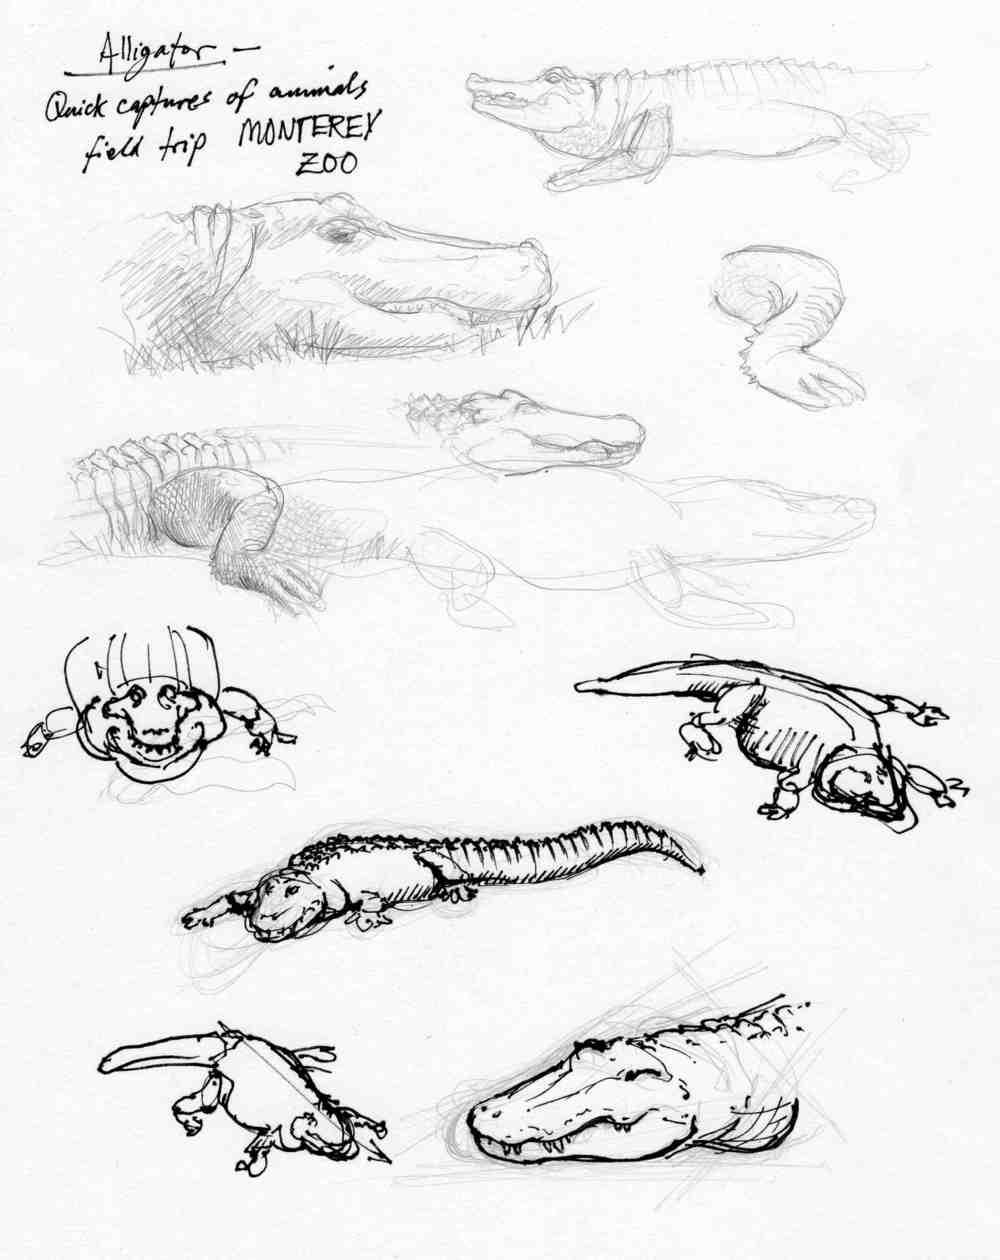 Alligator Studies